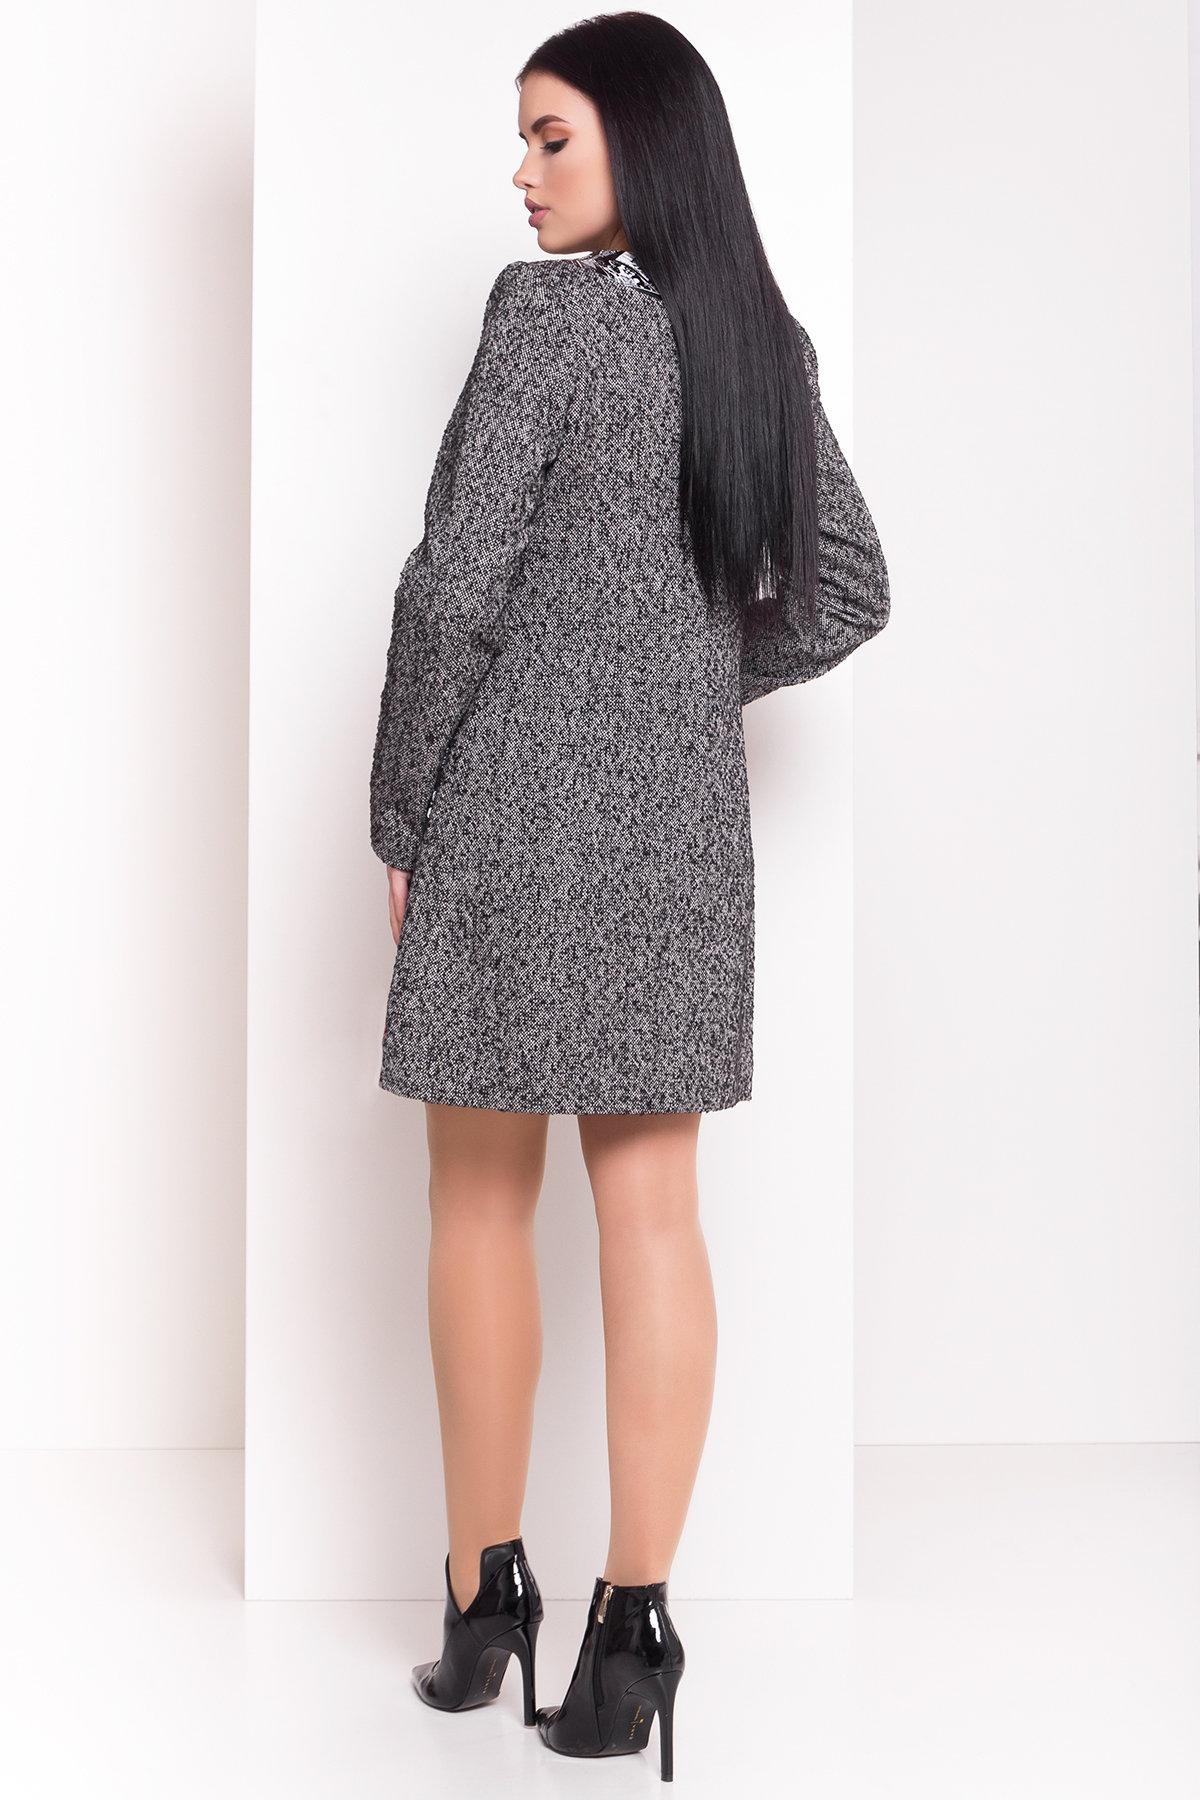 Пальто Силена 0499 Цвет: Серый 1 меланж